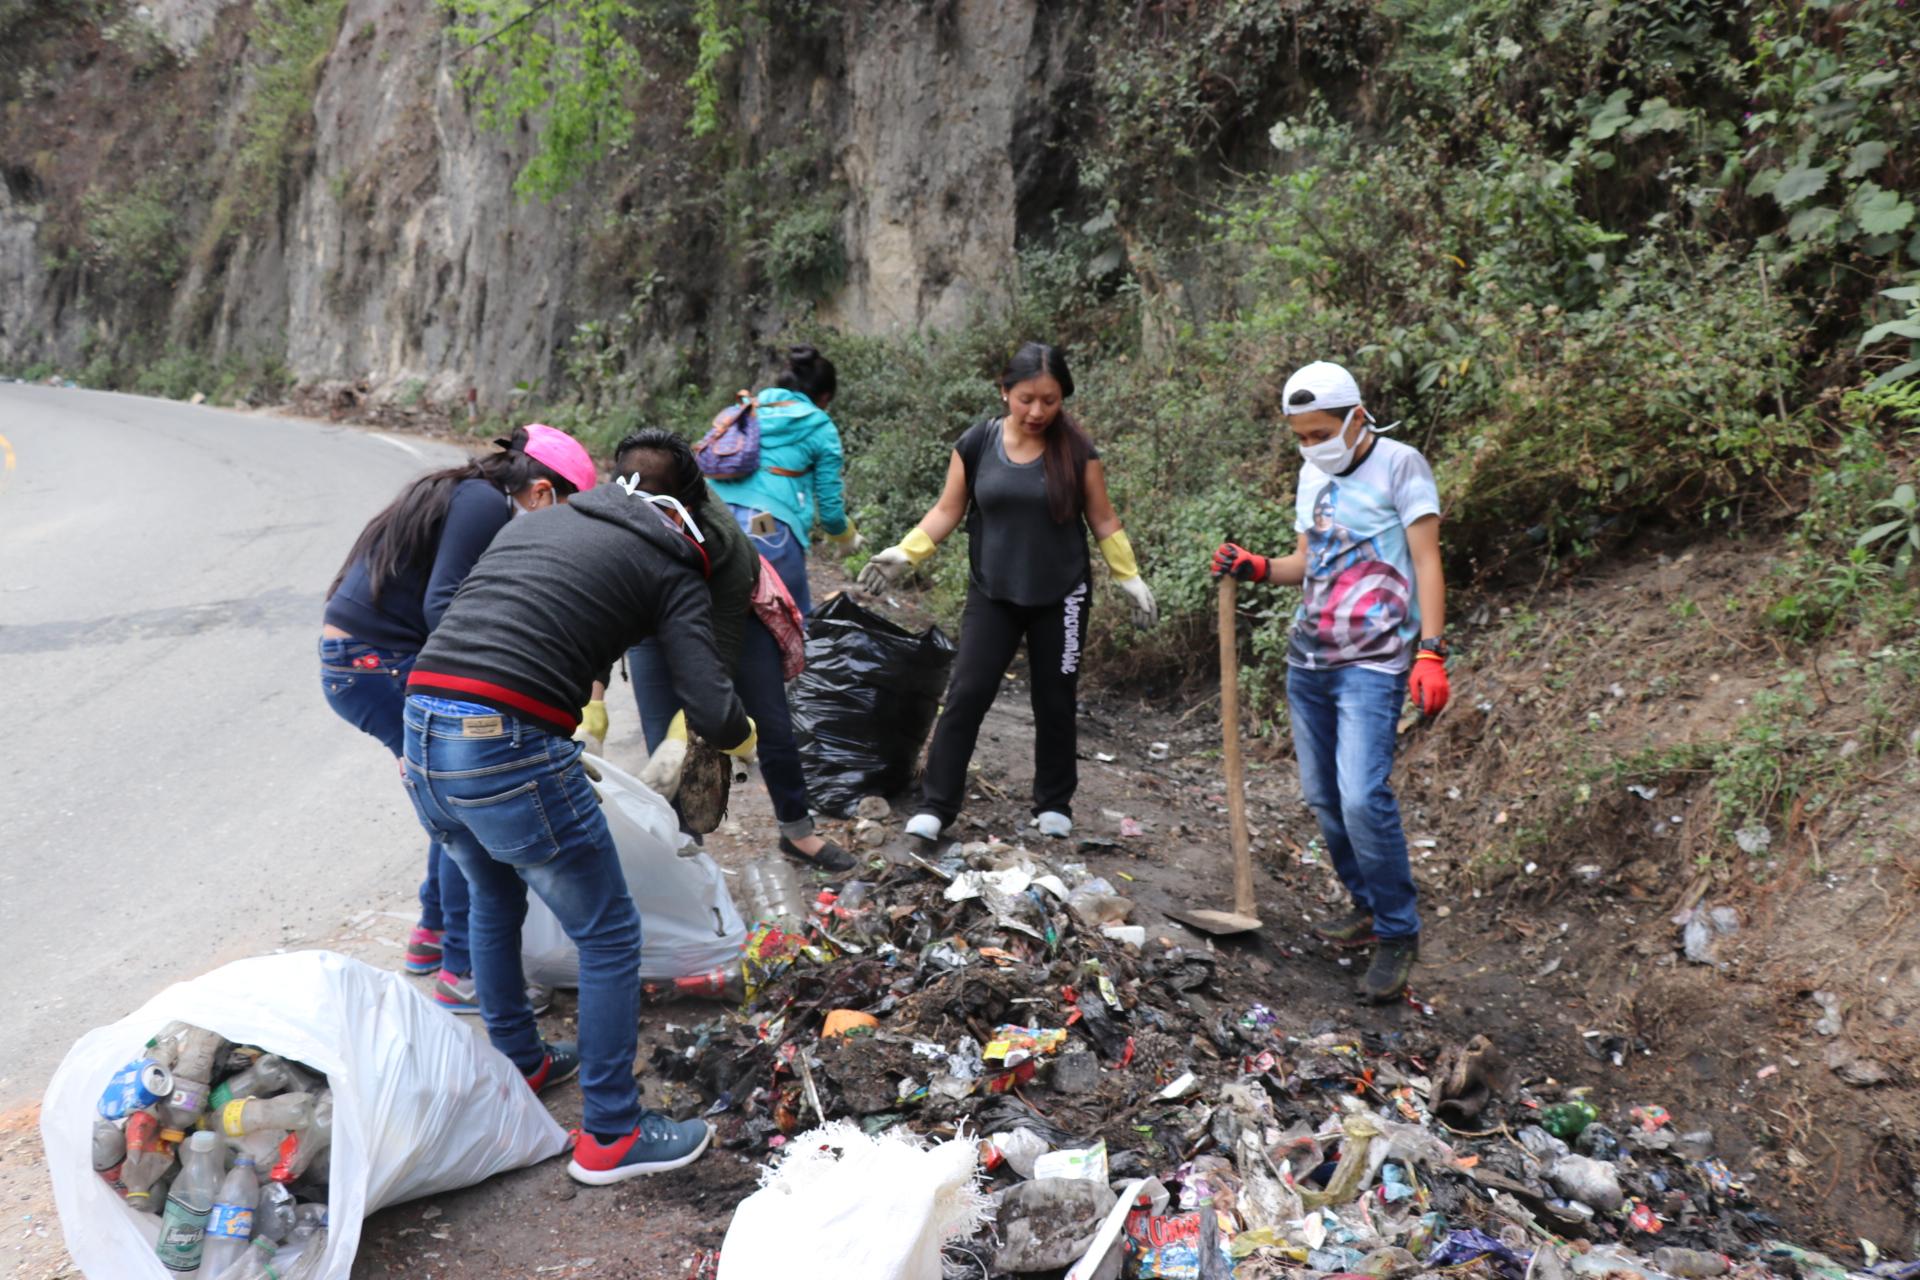 Voluntarios recogen basura en ruta entre Los Encuentros y Santa Cruz del Quiché. (Foto Prensa Libre: Héctor Cordero).